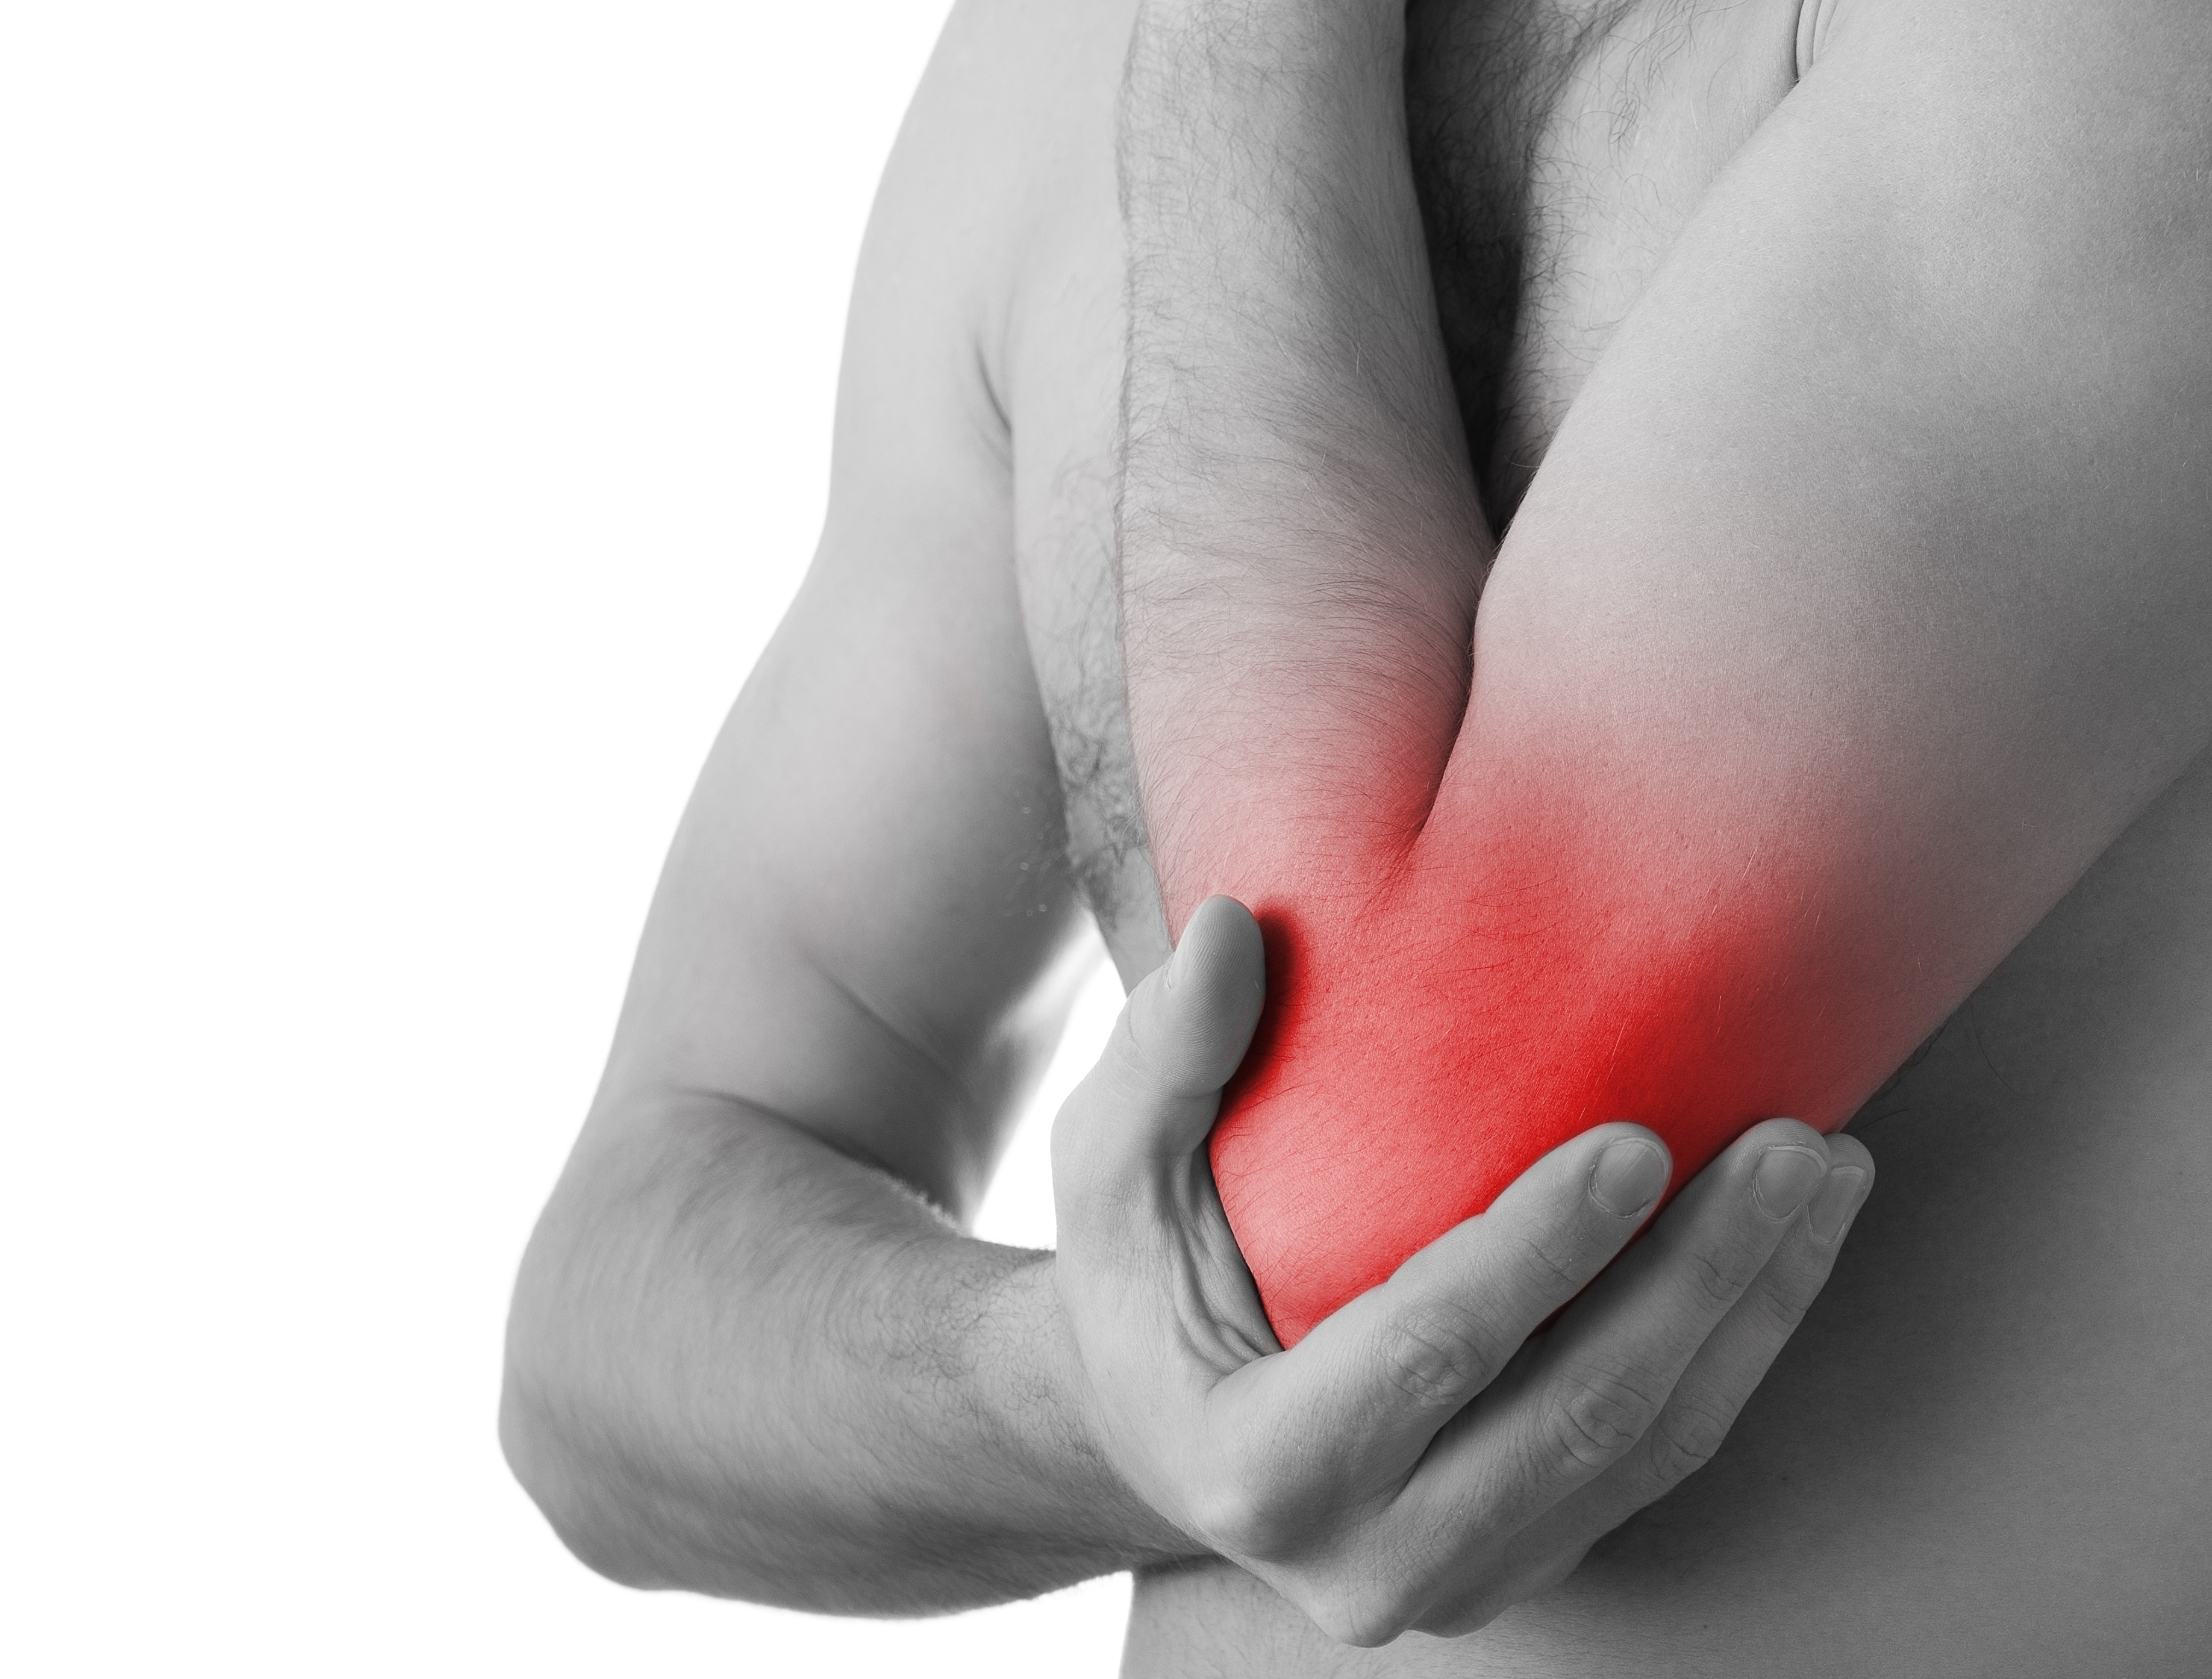 az ízületek fájnak a metipred után váll fájdalom guggolás közben